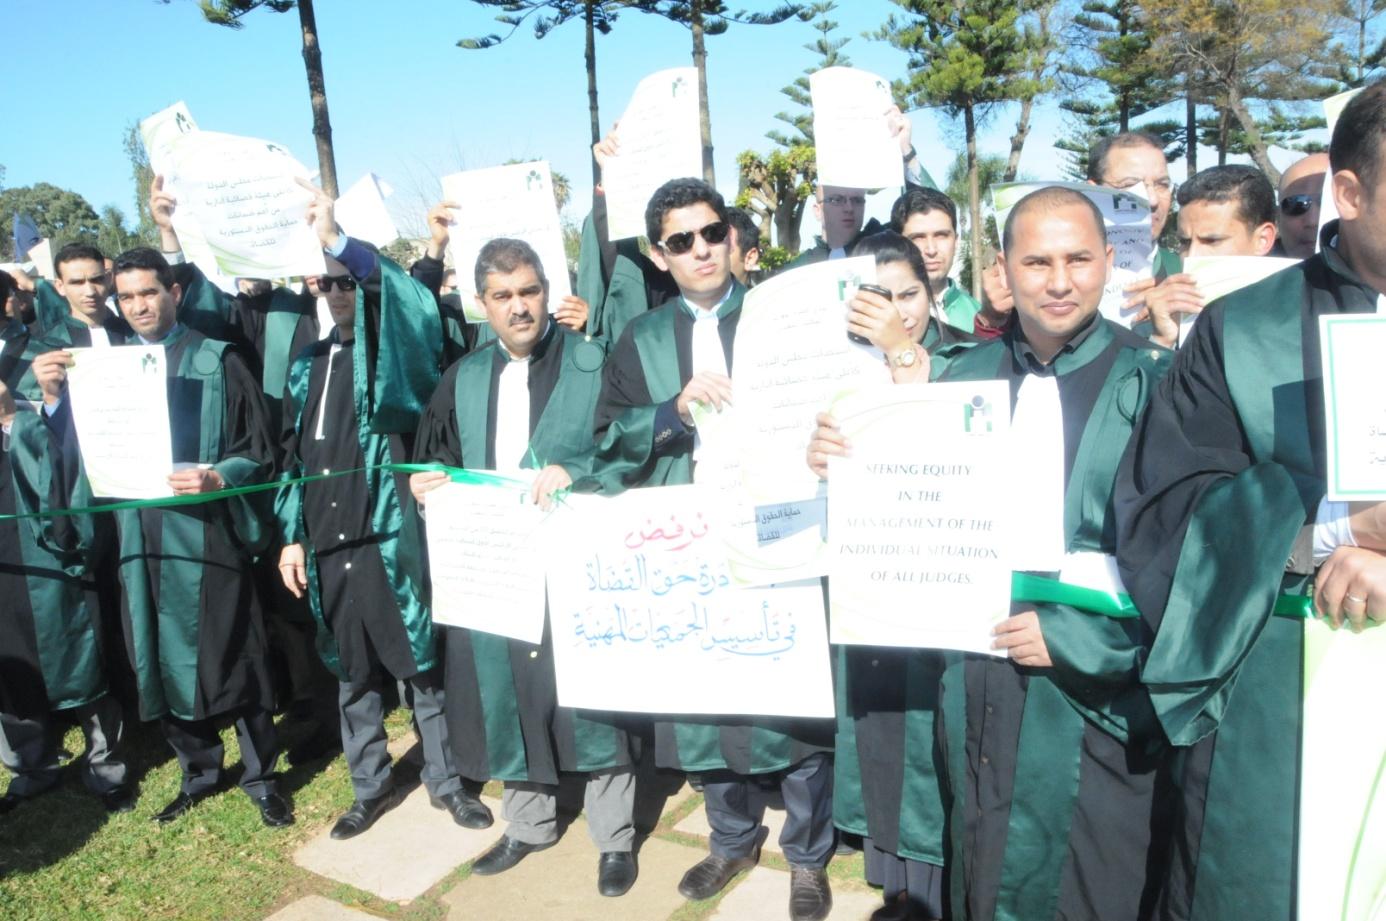 مشكل الخصاص في المحاكم المغربية